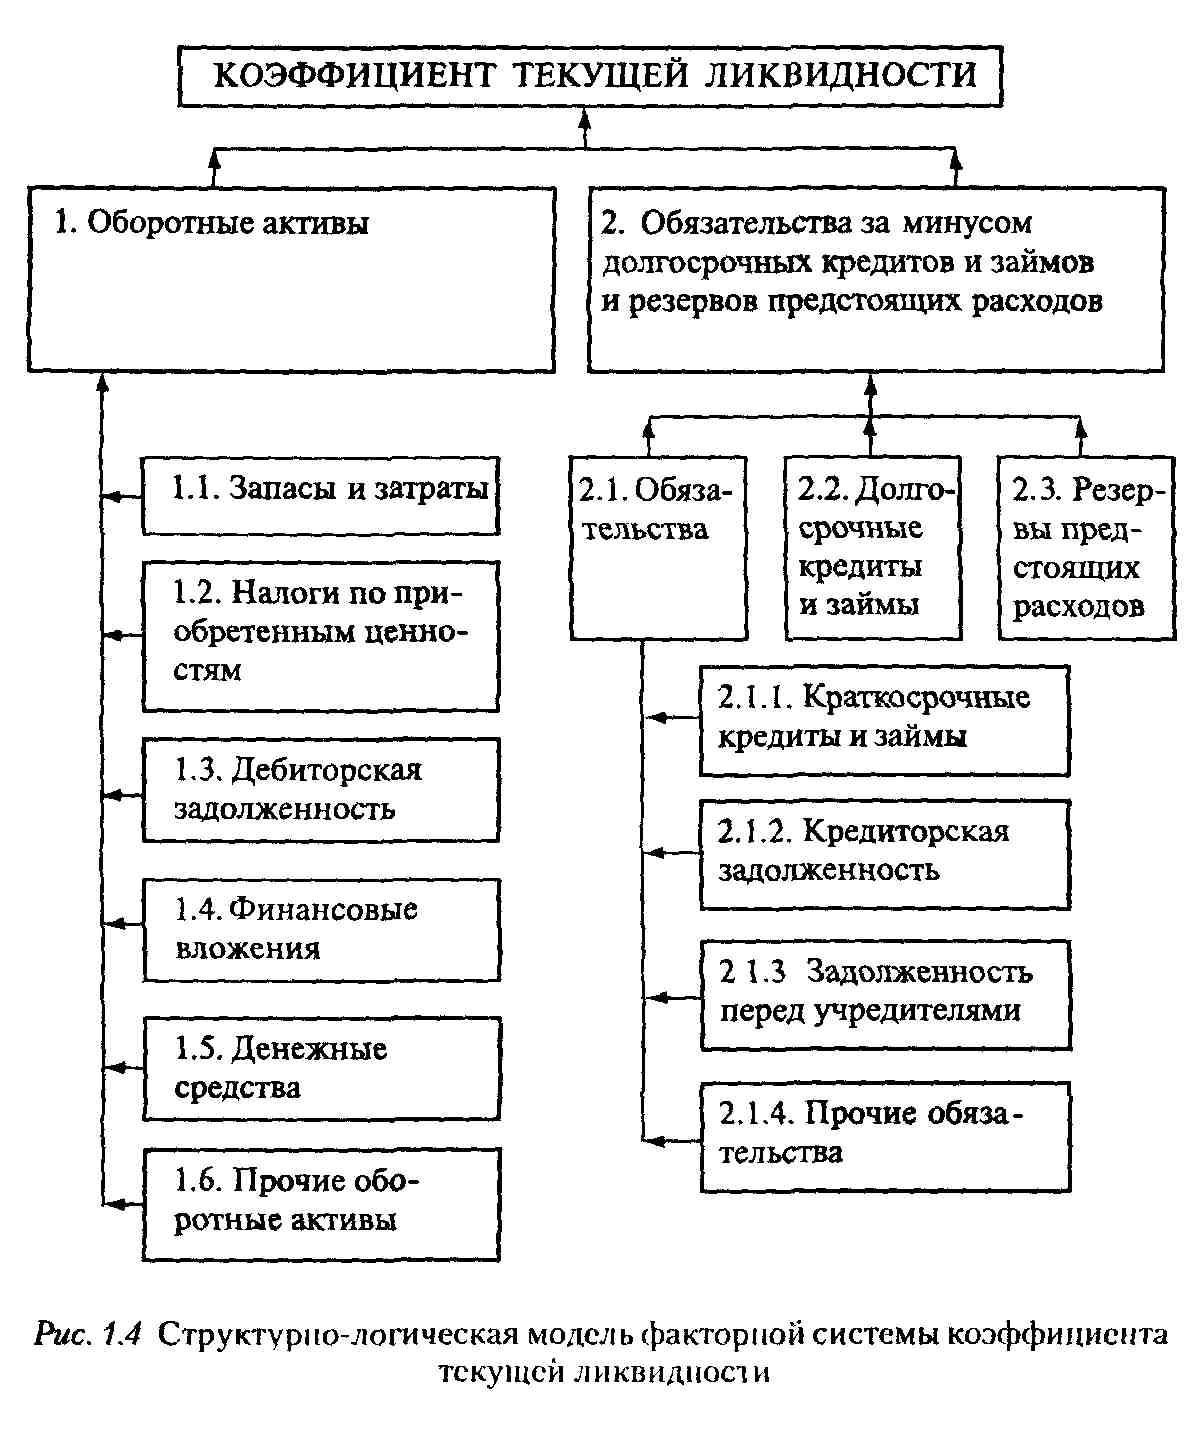 Инструкция по анализу и контролю за финансовым состоянием